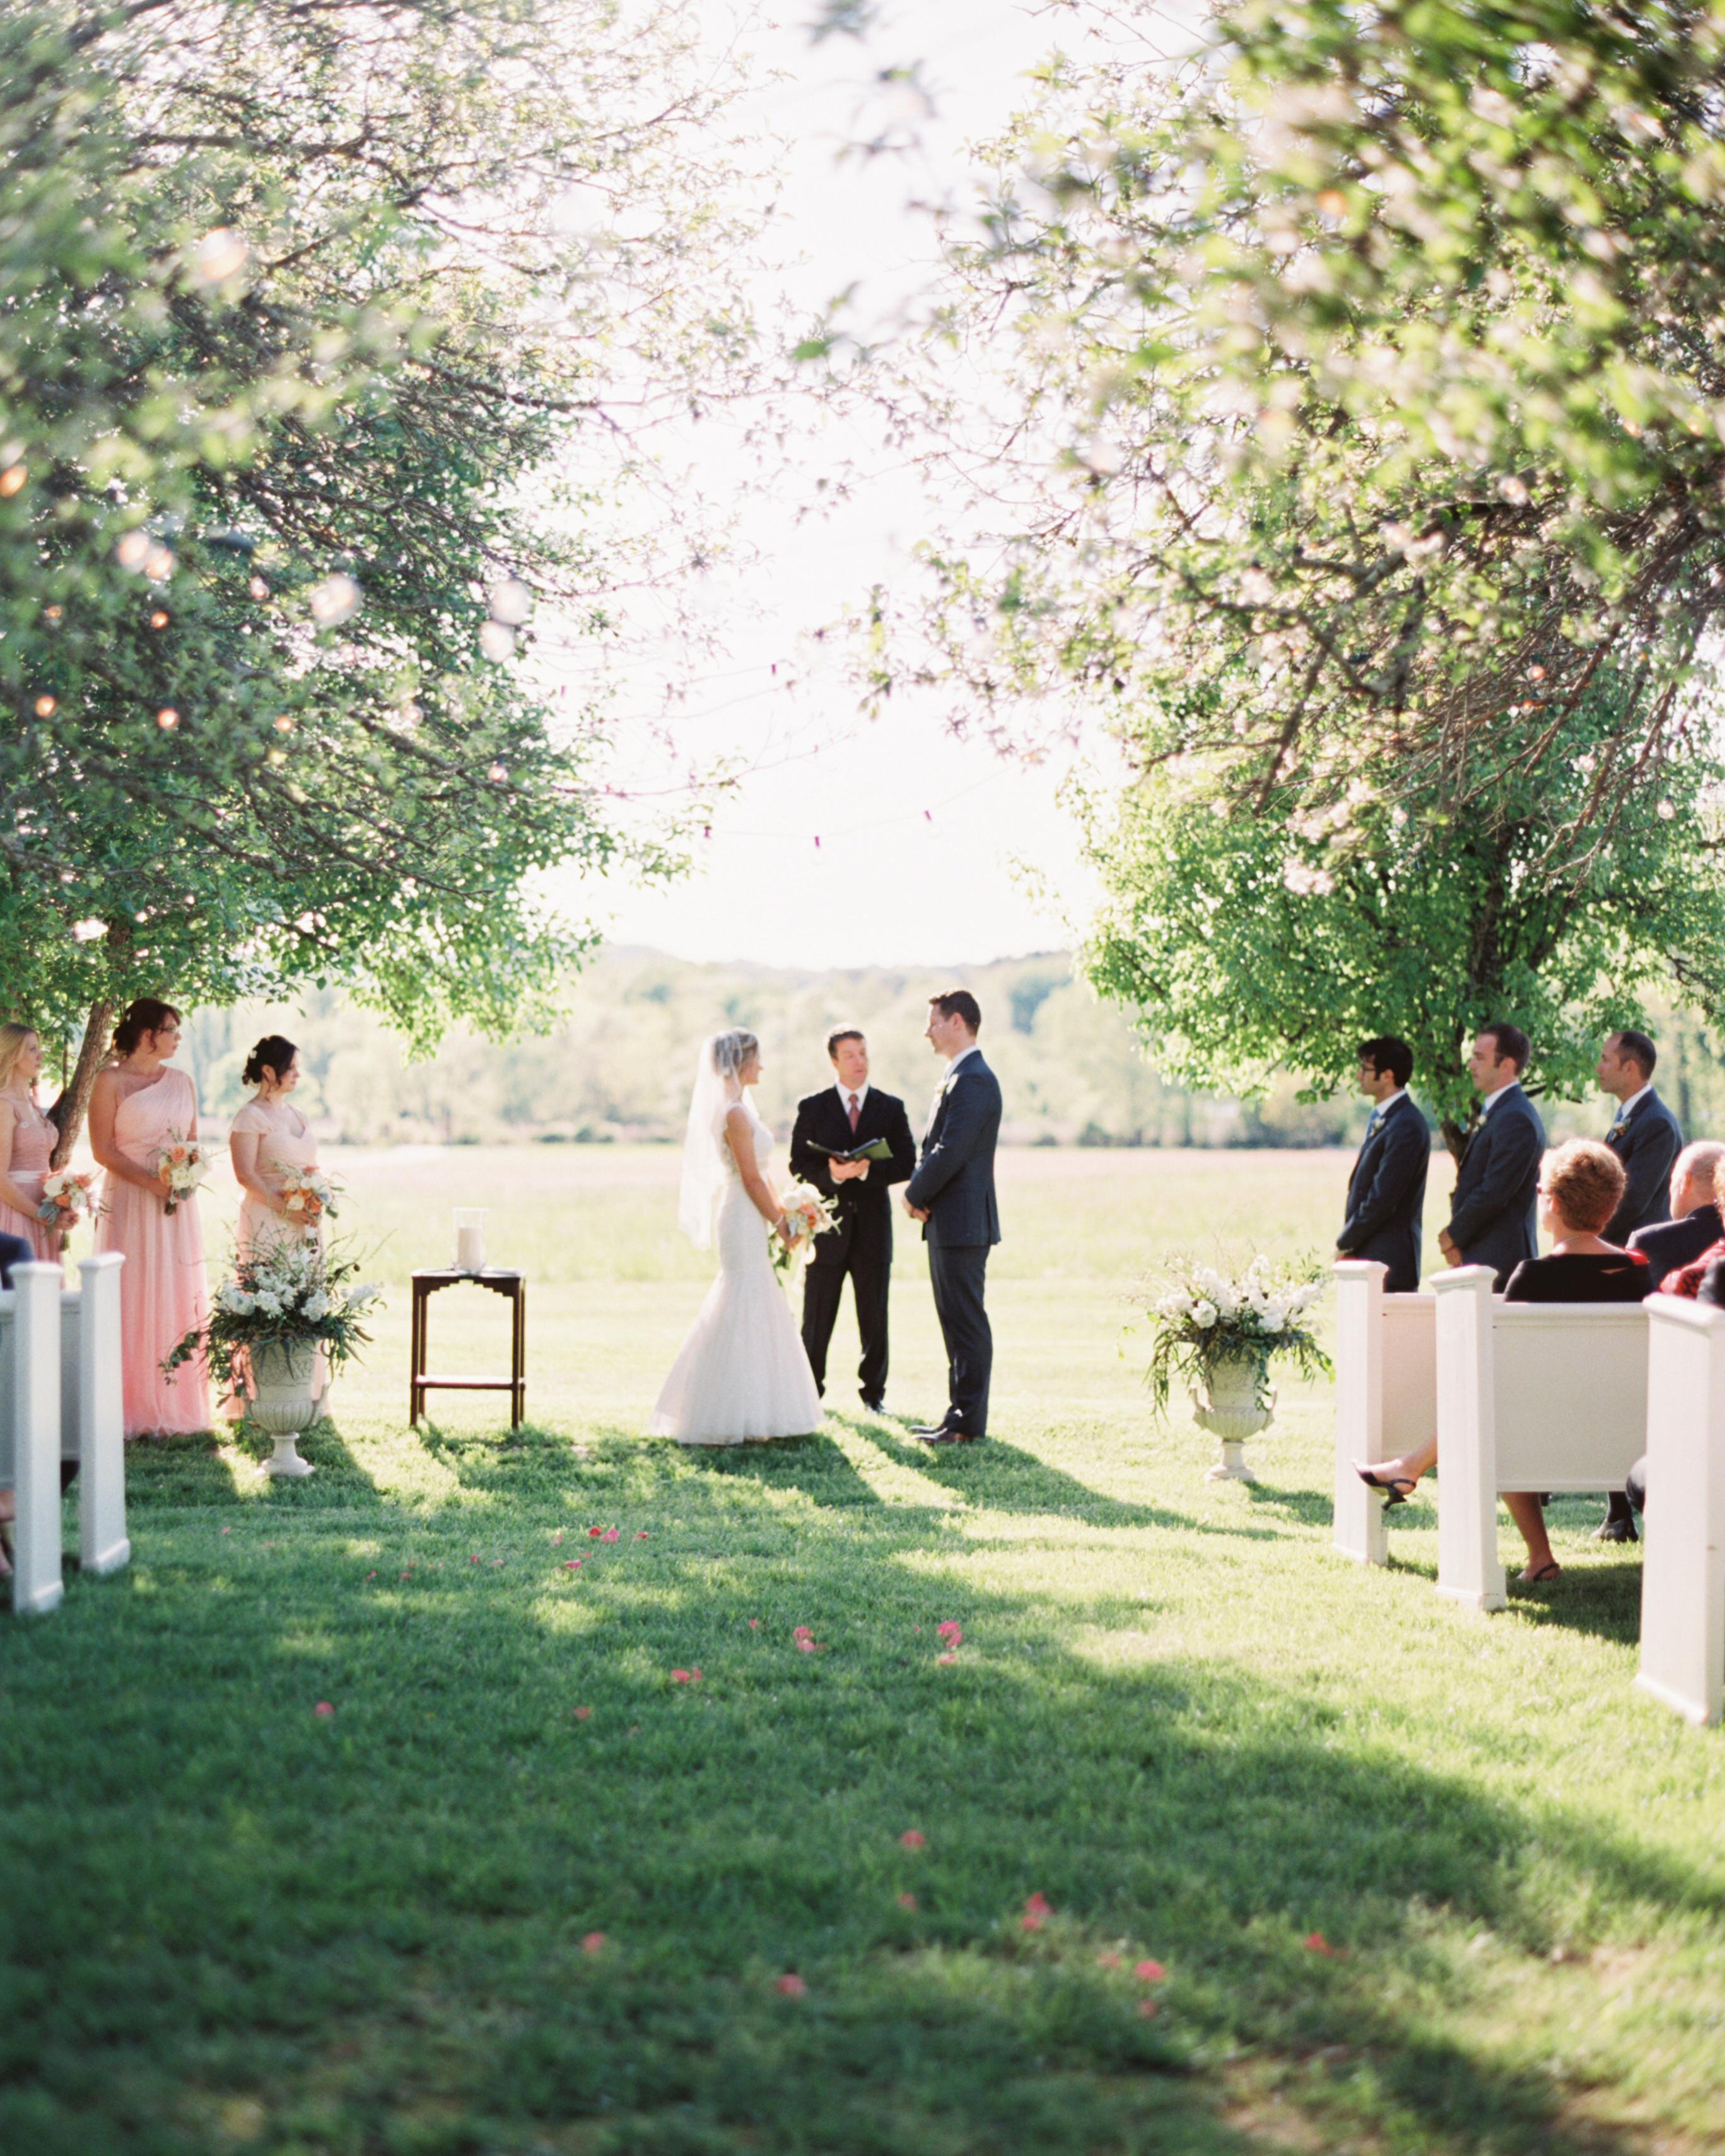 olga-david-wedding-ceremony2-0314.jpg